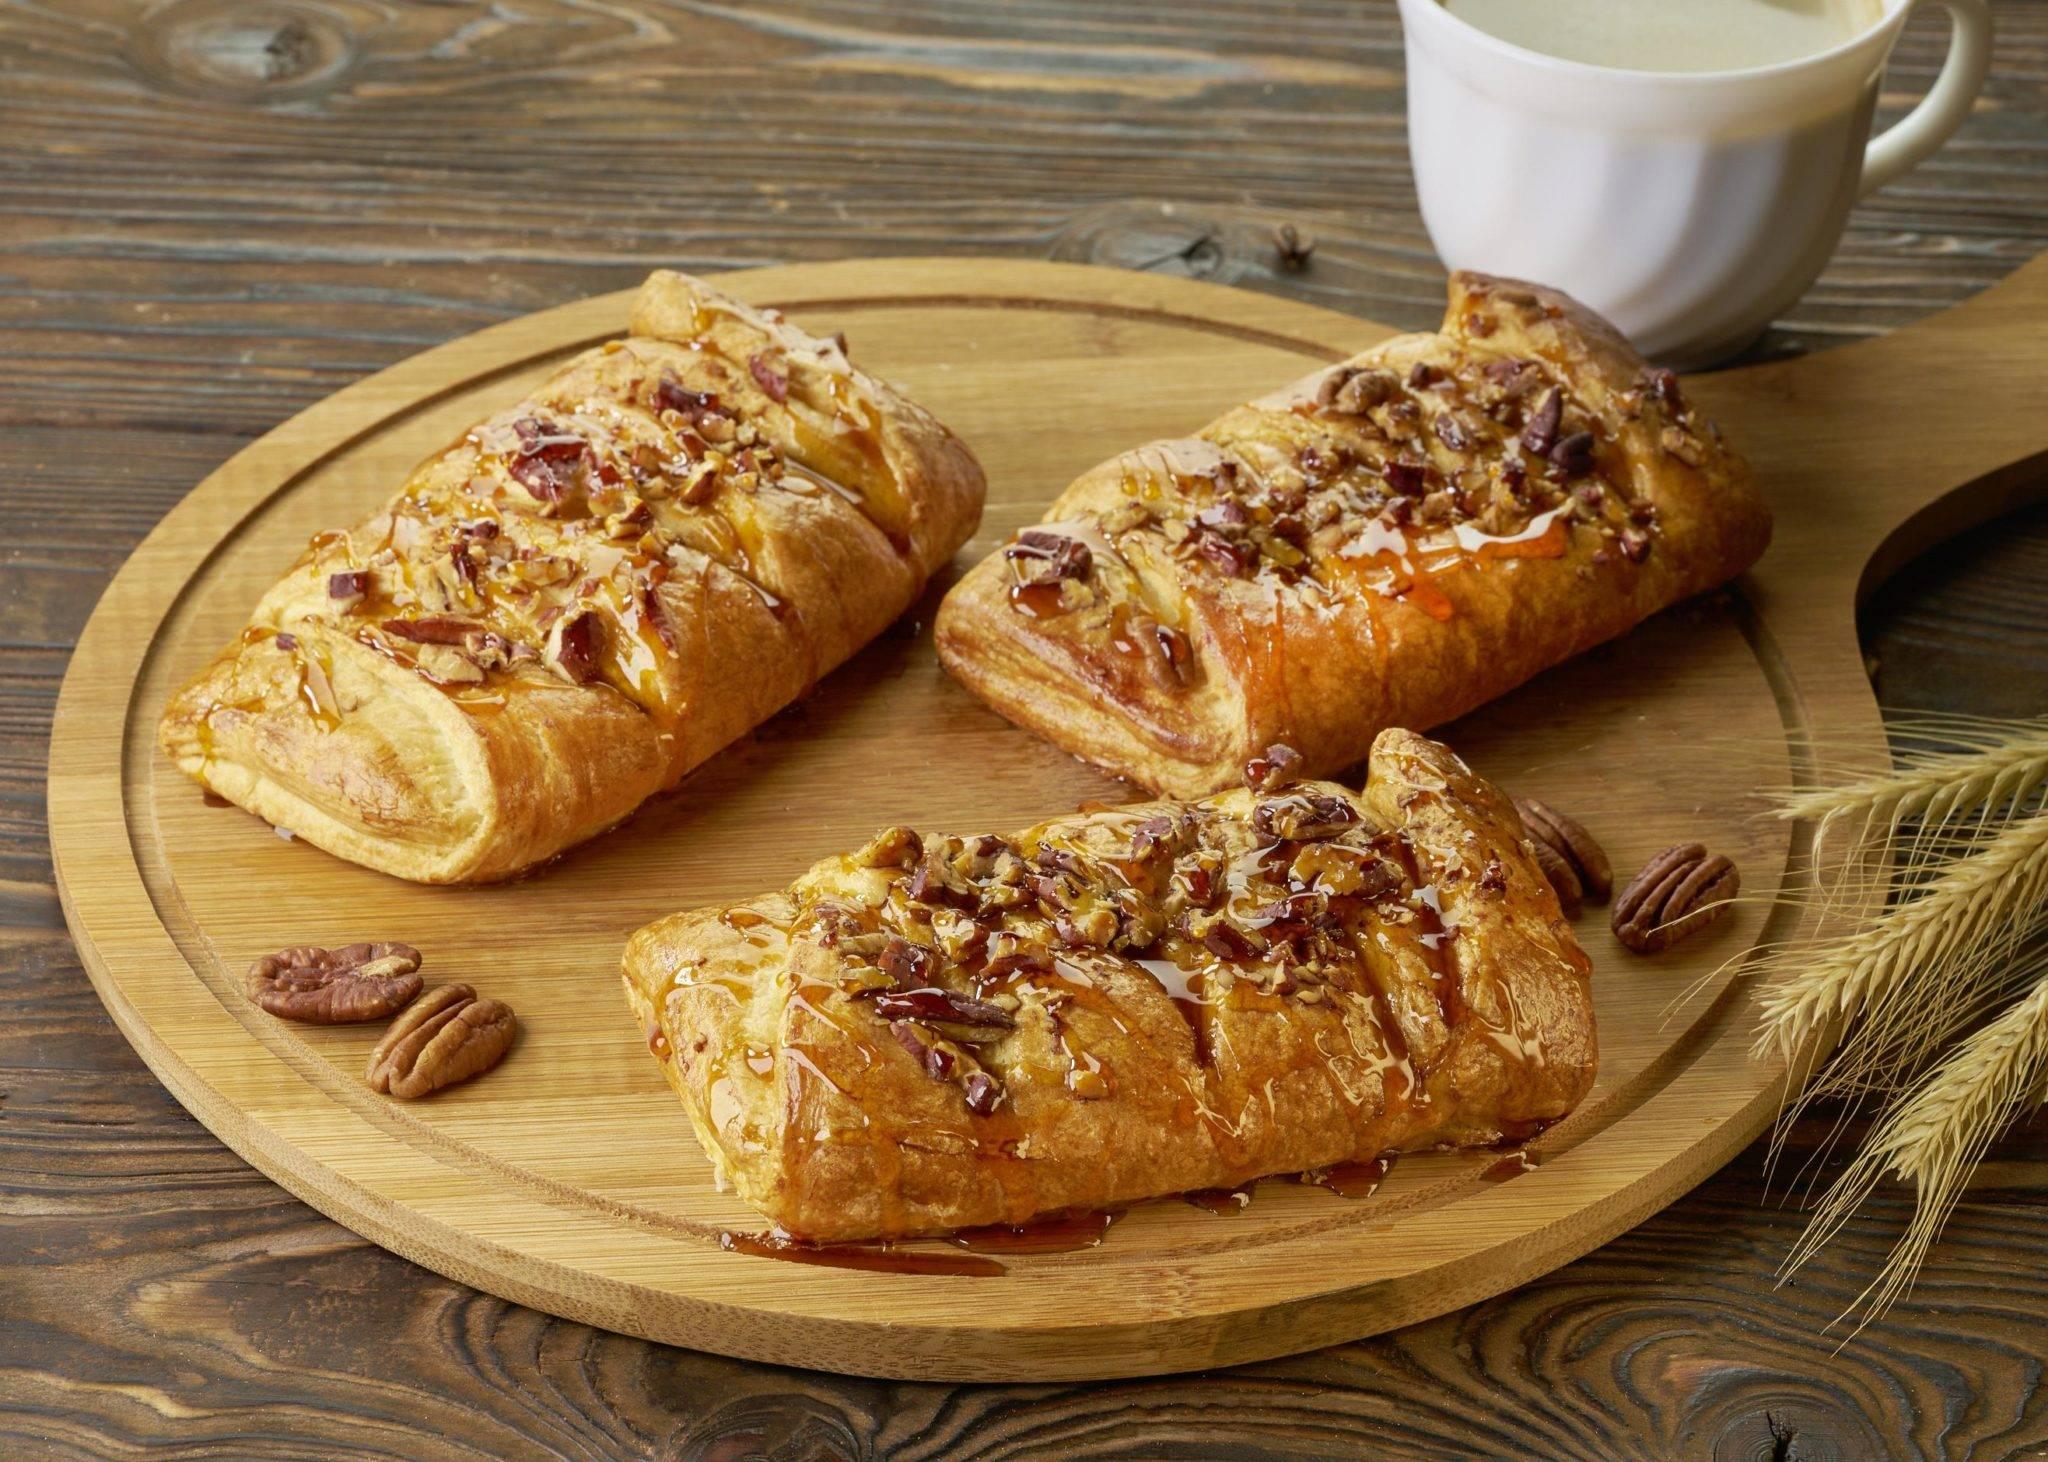 Булочка пекан с кленовым сиропом рецепт